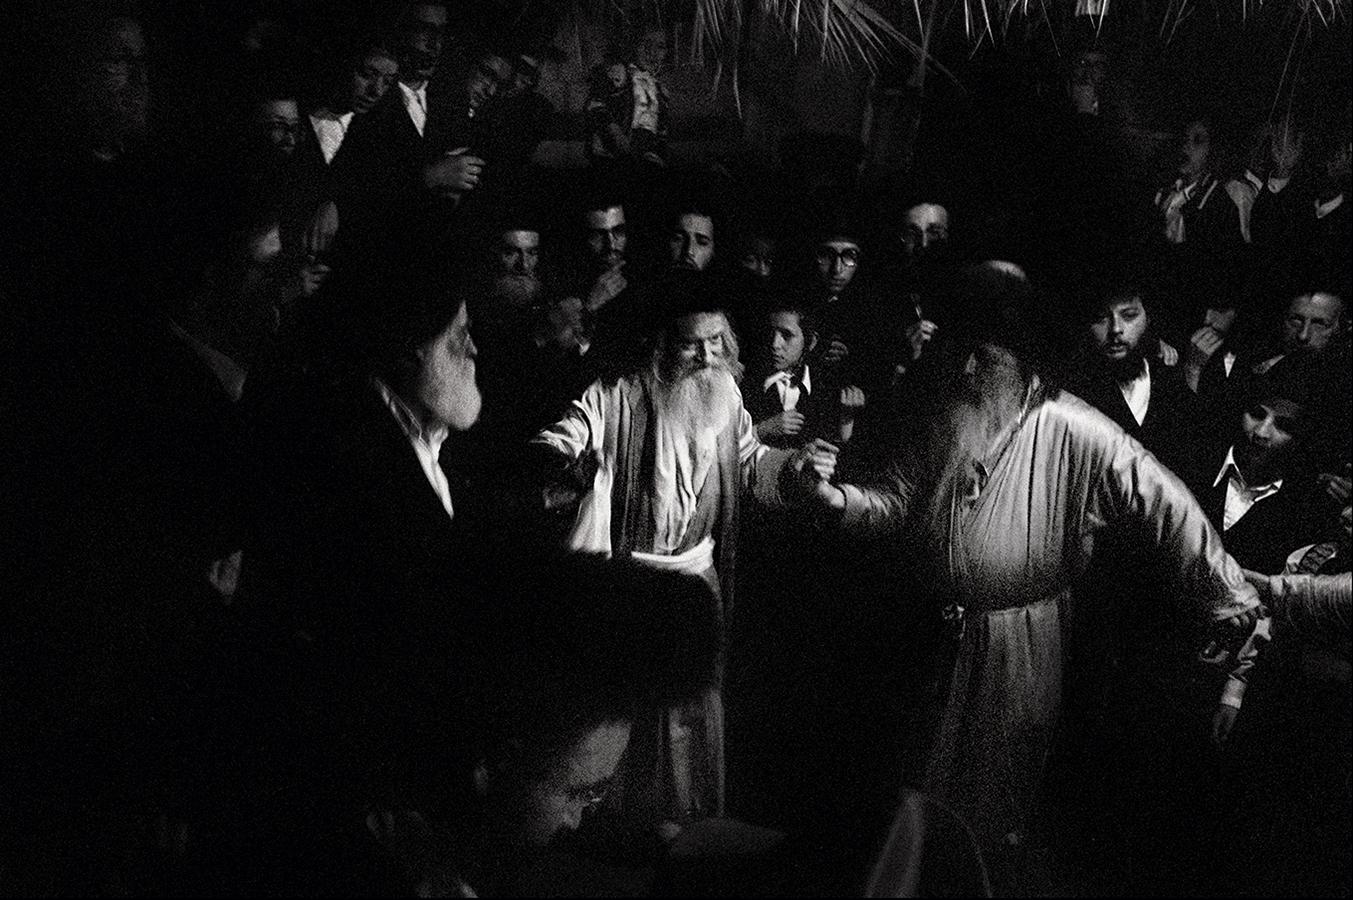 Mea Sharim, Jerusalem, 1980